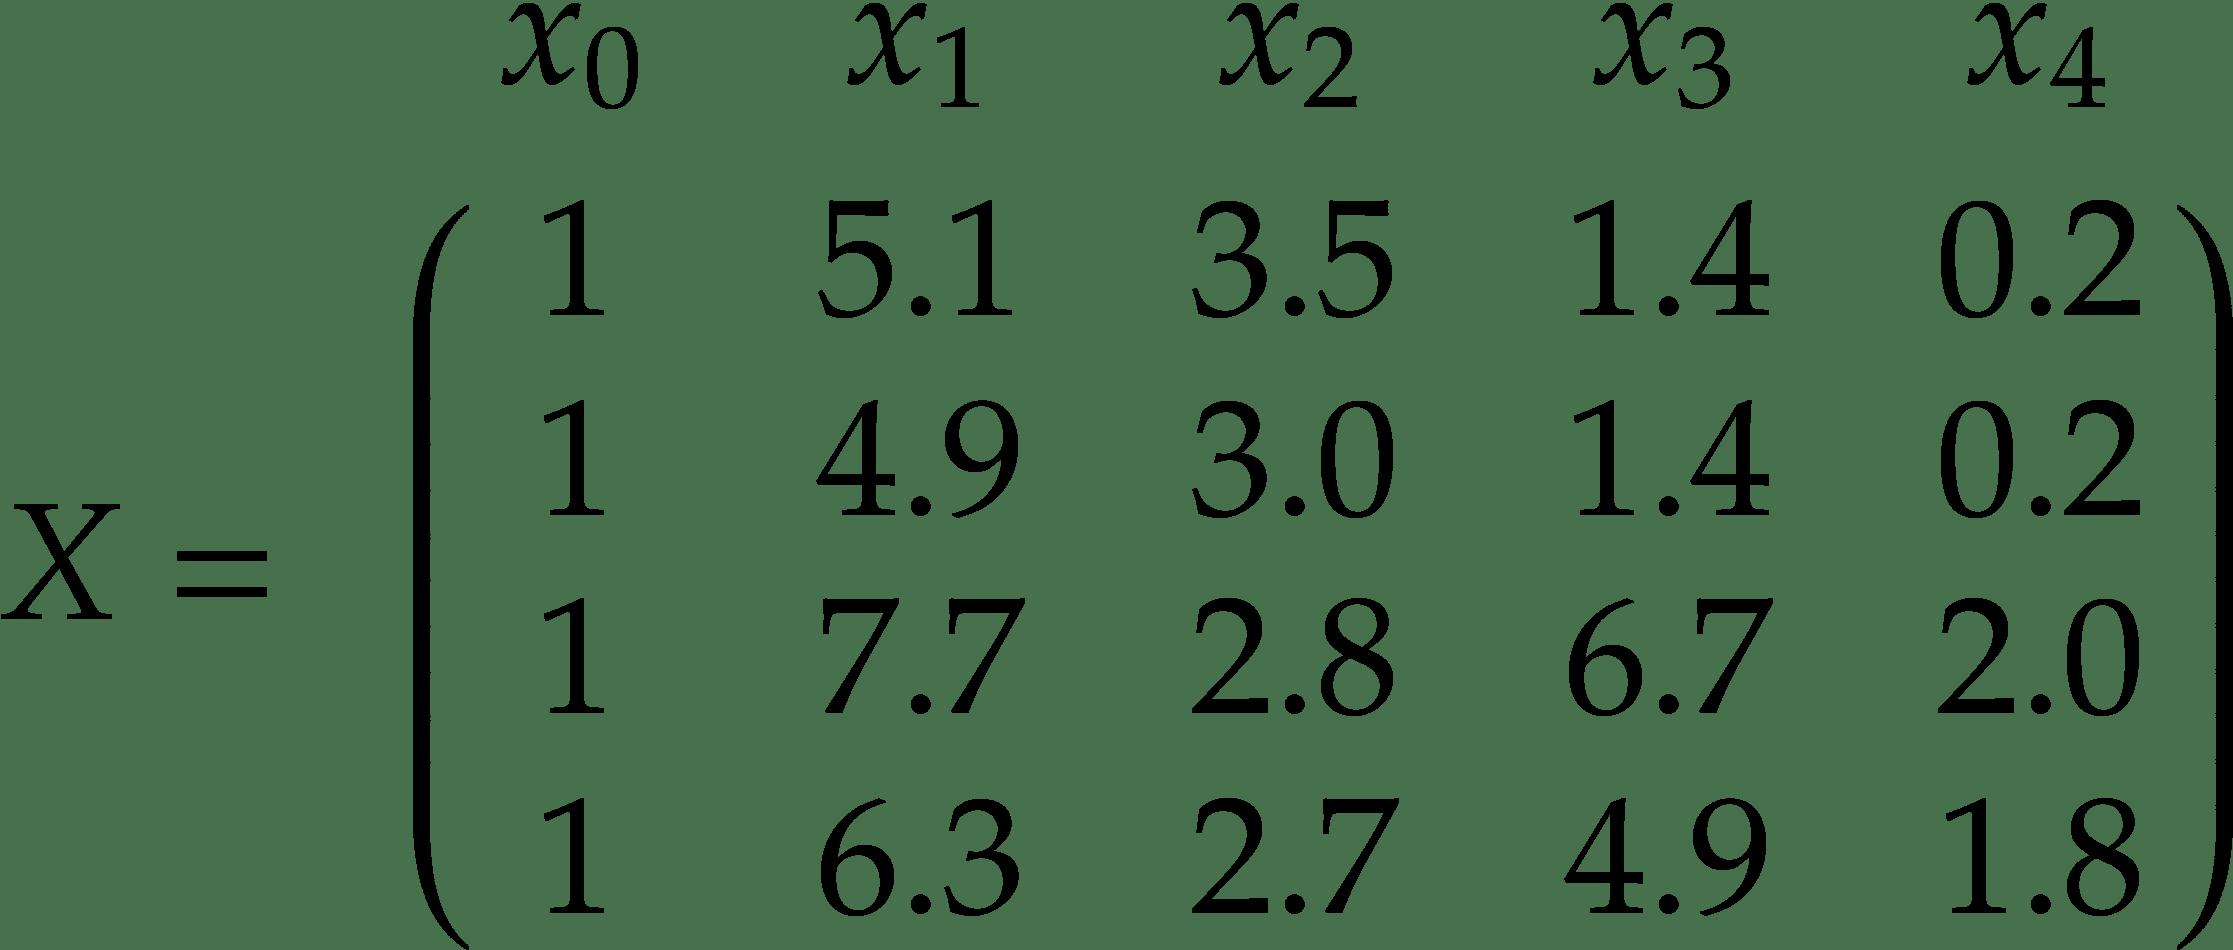 X =\bordermatrix{ &x_0&x_1&x_2&x_3&x_4\cr & 1 & 5.1 & 3.5 & 1.4 & 0.2 \cr & 1 & 4.9 & 3.0 & 1.4 & 0.2 \cr & 1 & 7.7 & 2.8 & 6.7 & 2.0 \cr & 1 & 6.3 & 2.7 & 4.9 & 1.8 \cr }